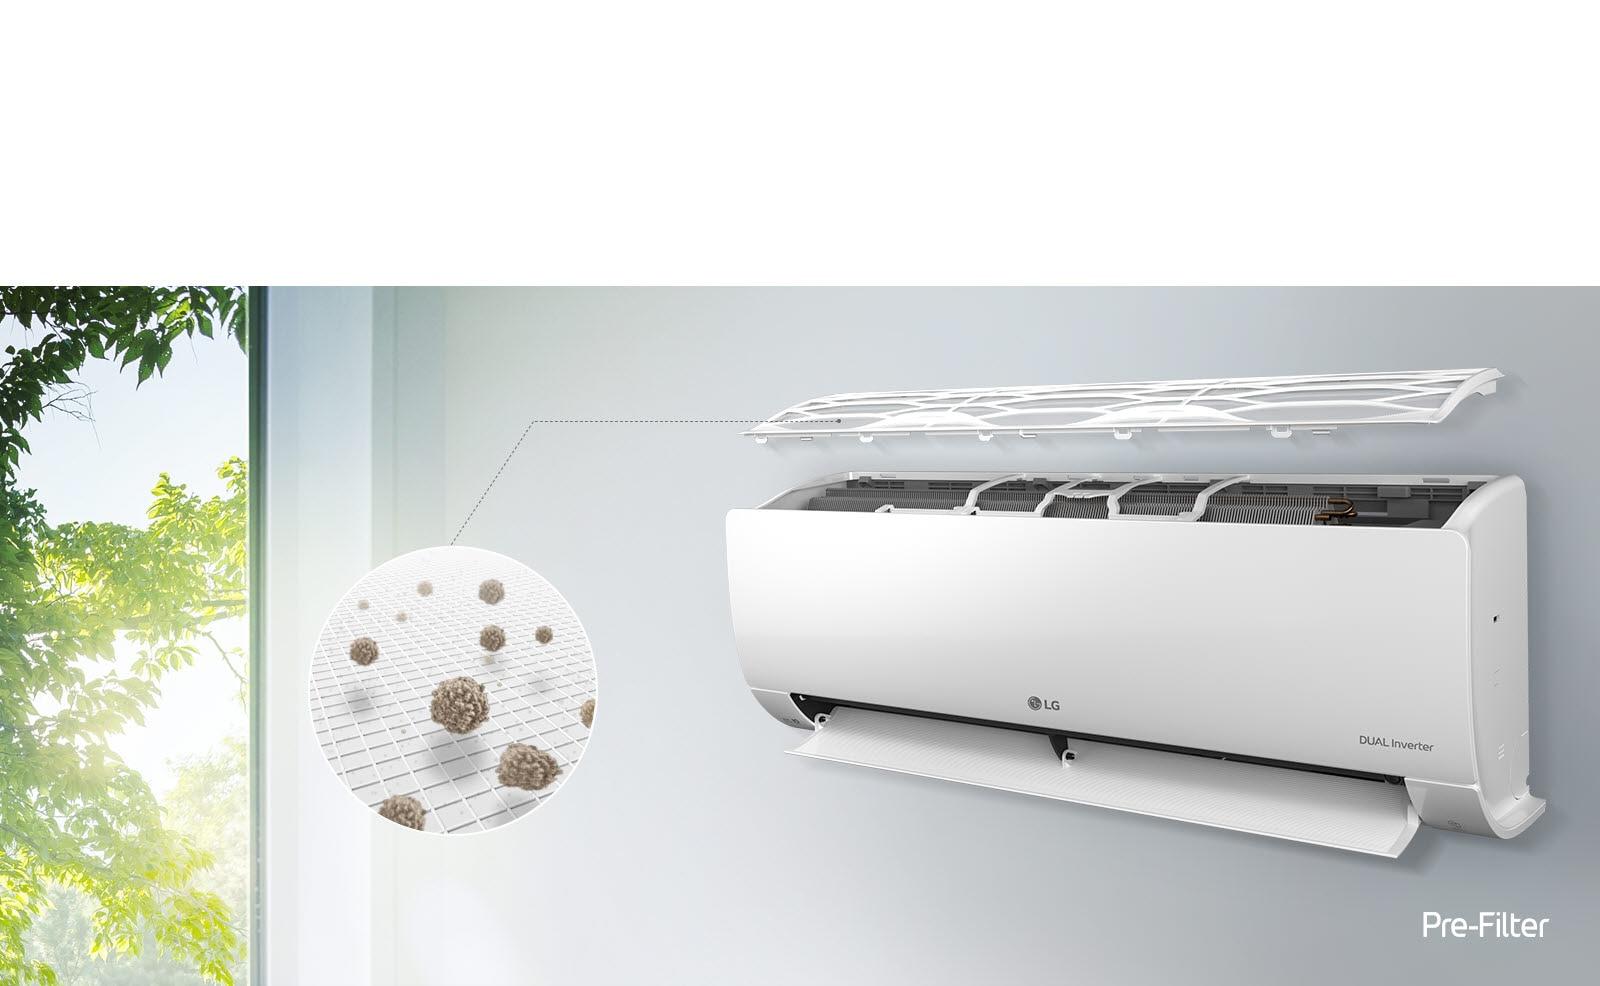 Máy điều hòa không khí LG được lắp trên tường và nhìn từ góc bên. Bảng điều khiển bên trên đang trôi ở phía trên cho thấy các bộ lọc bên trong. Một đường từ bộ lọc sơ cấp dẫn ra một vòng tròn phóng to cho thấy bụi được giữ lại trong bộ lọc sơ cấp. Logo Bộ lọc sơ cấp được hiển thị ở góc dưới bên phải.